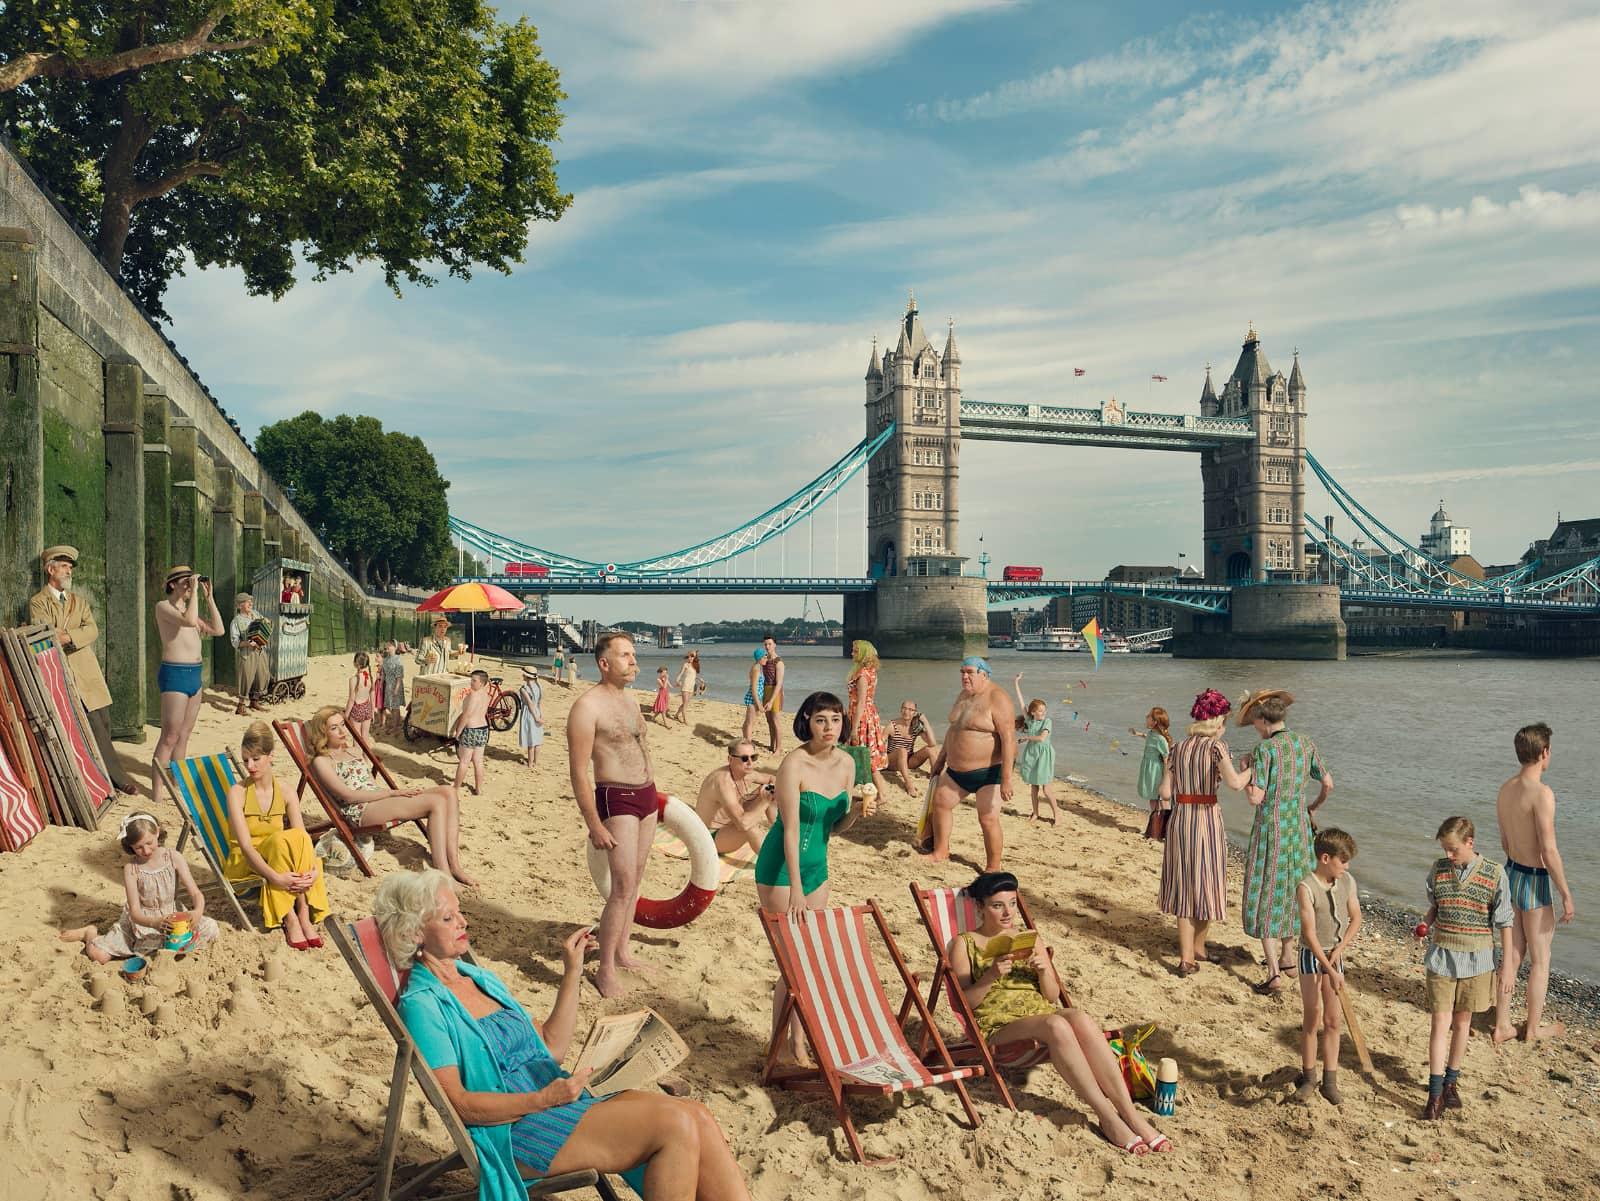 foto: © Julia Fullerton-Batten, mensen op strand bij de Tower van Londen